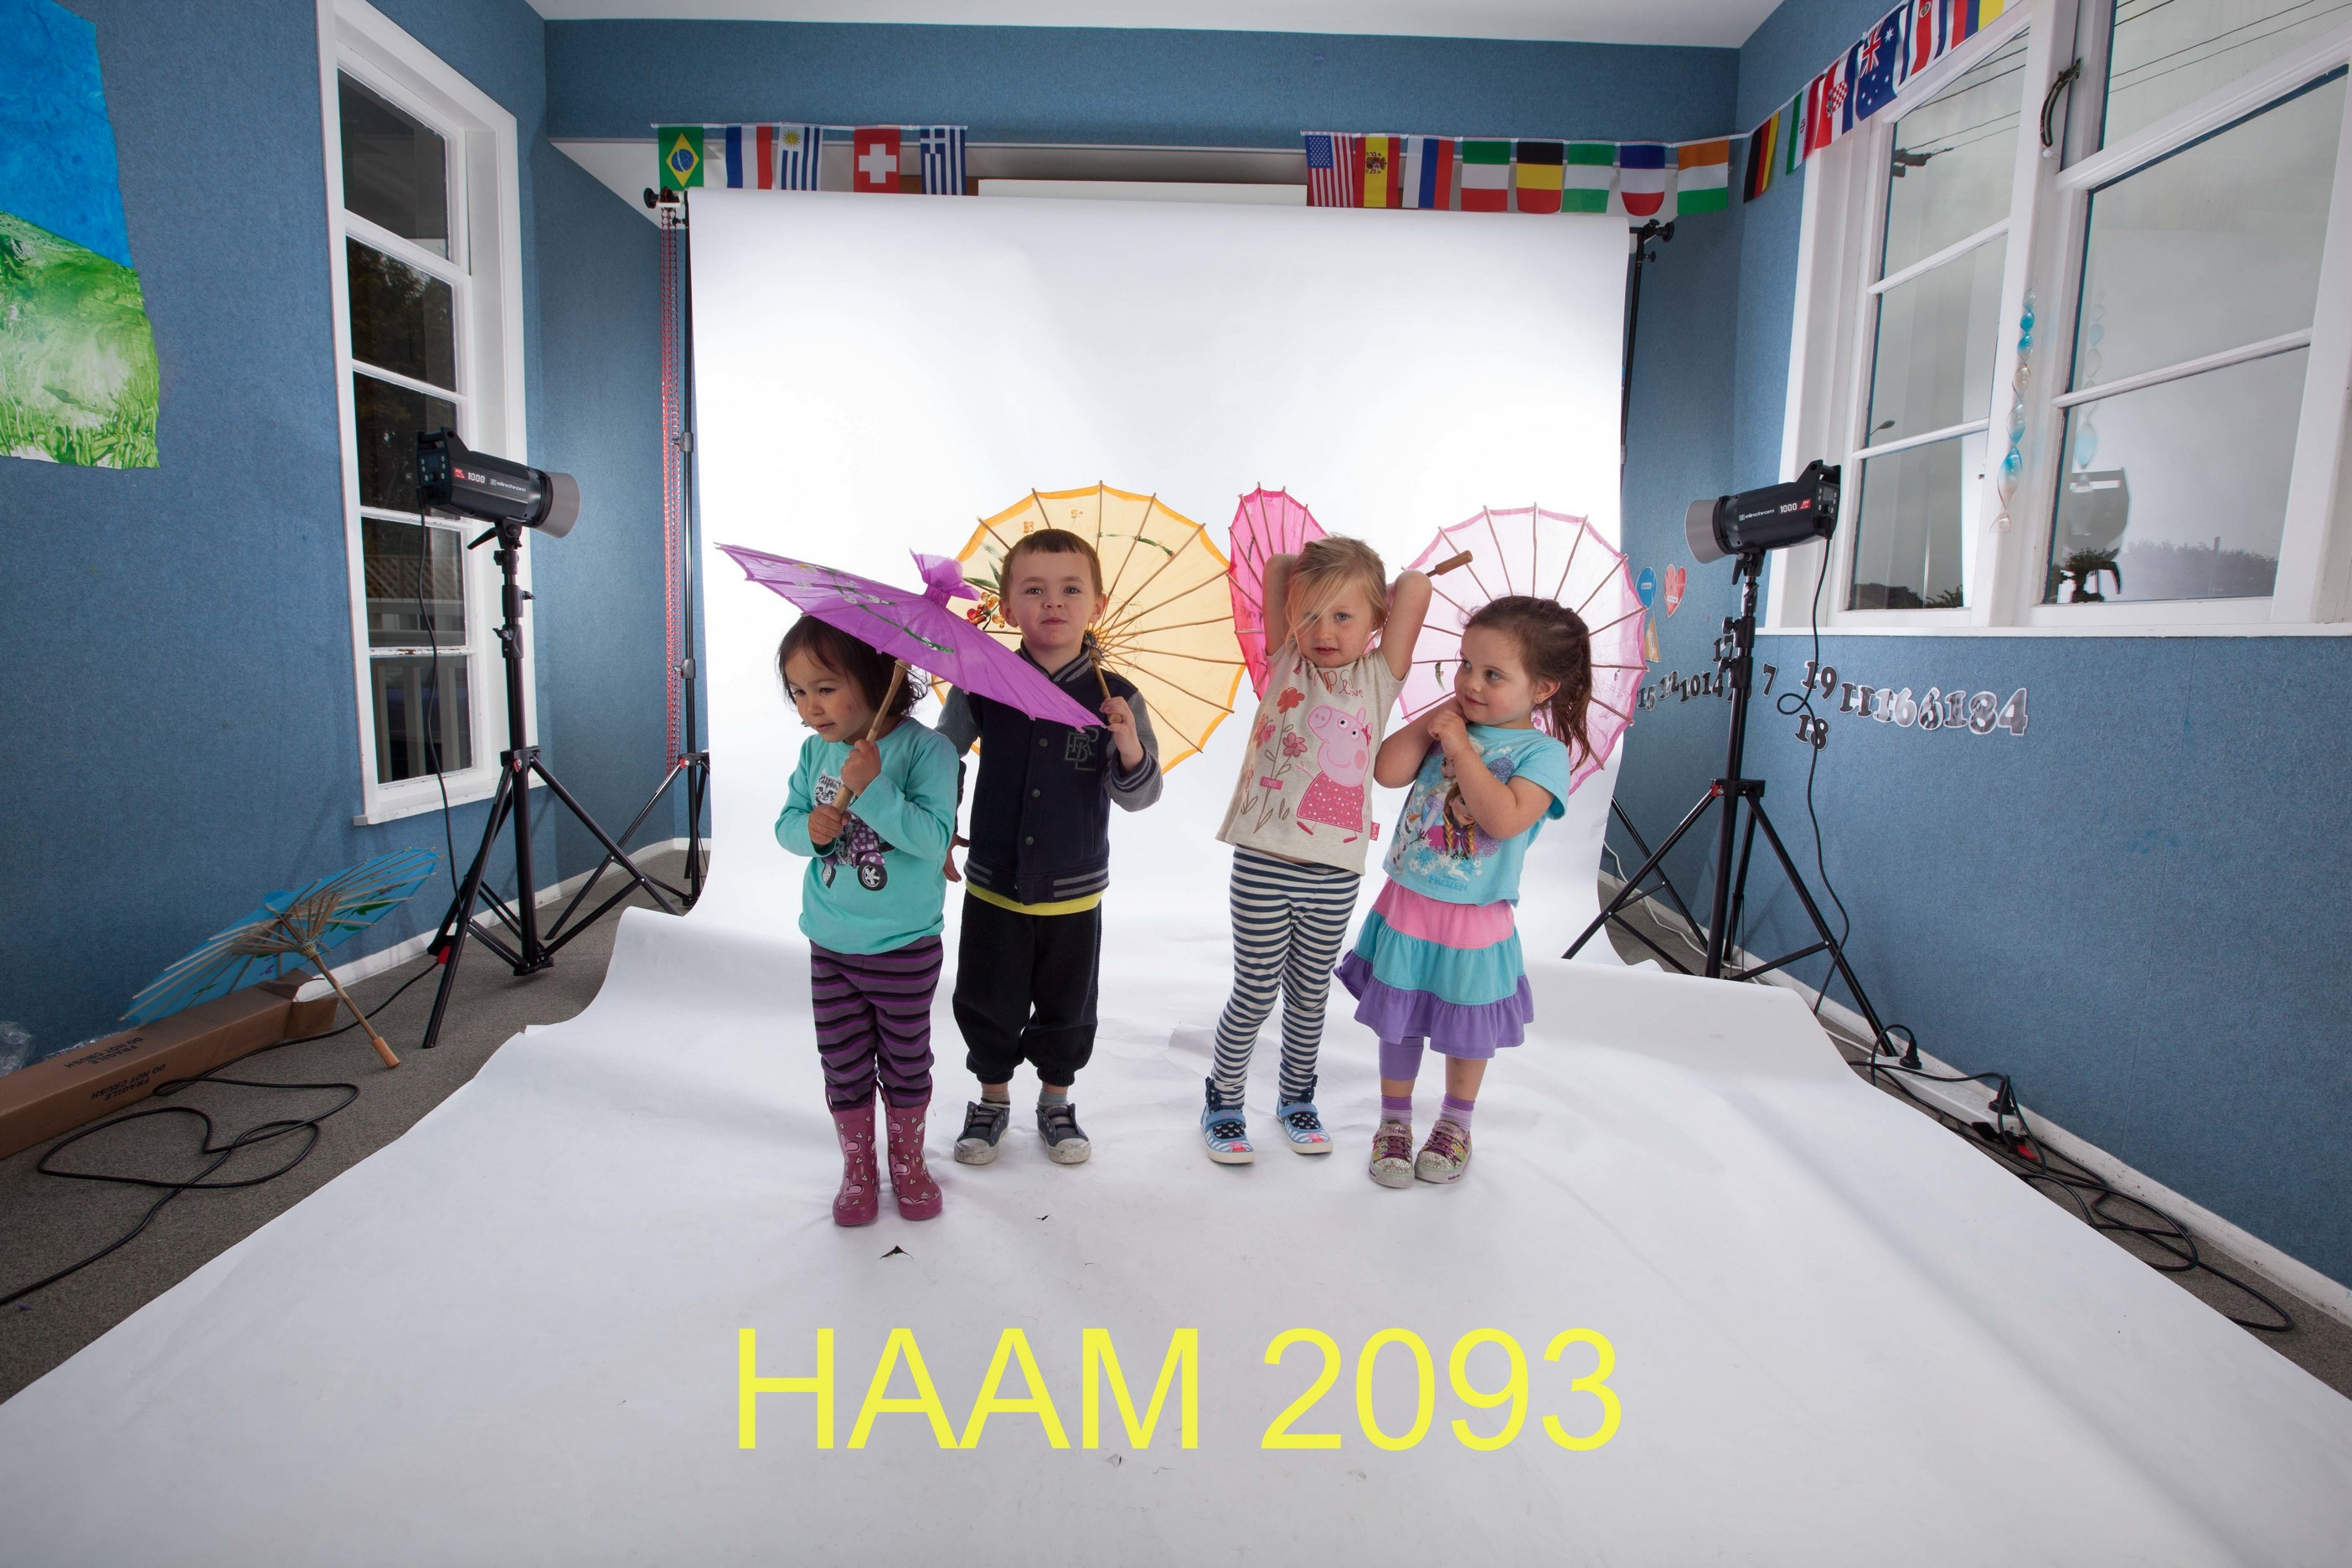 HAAM 2093